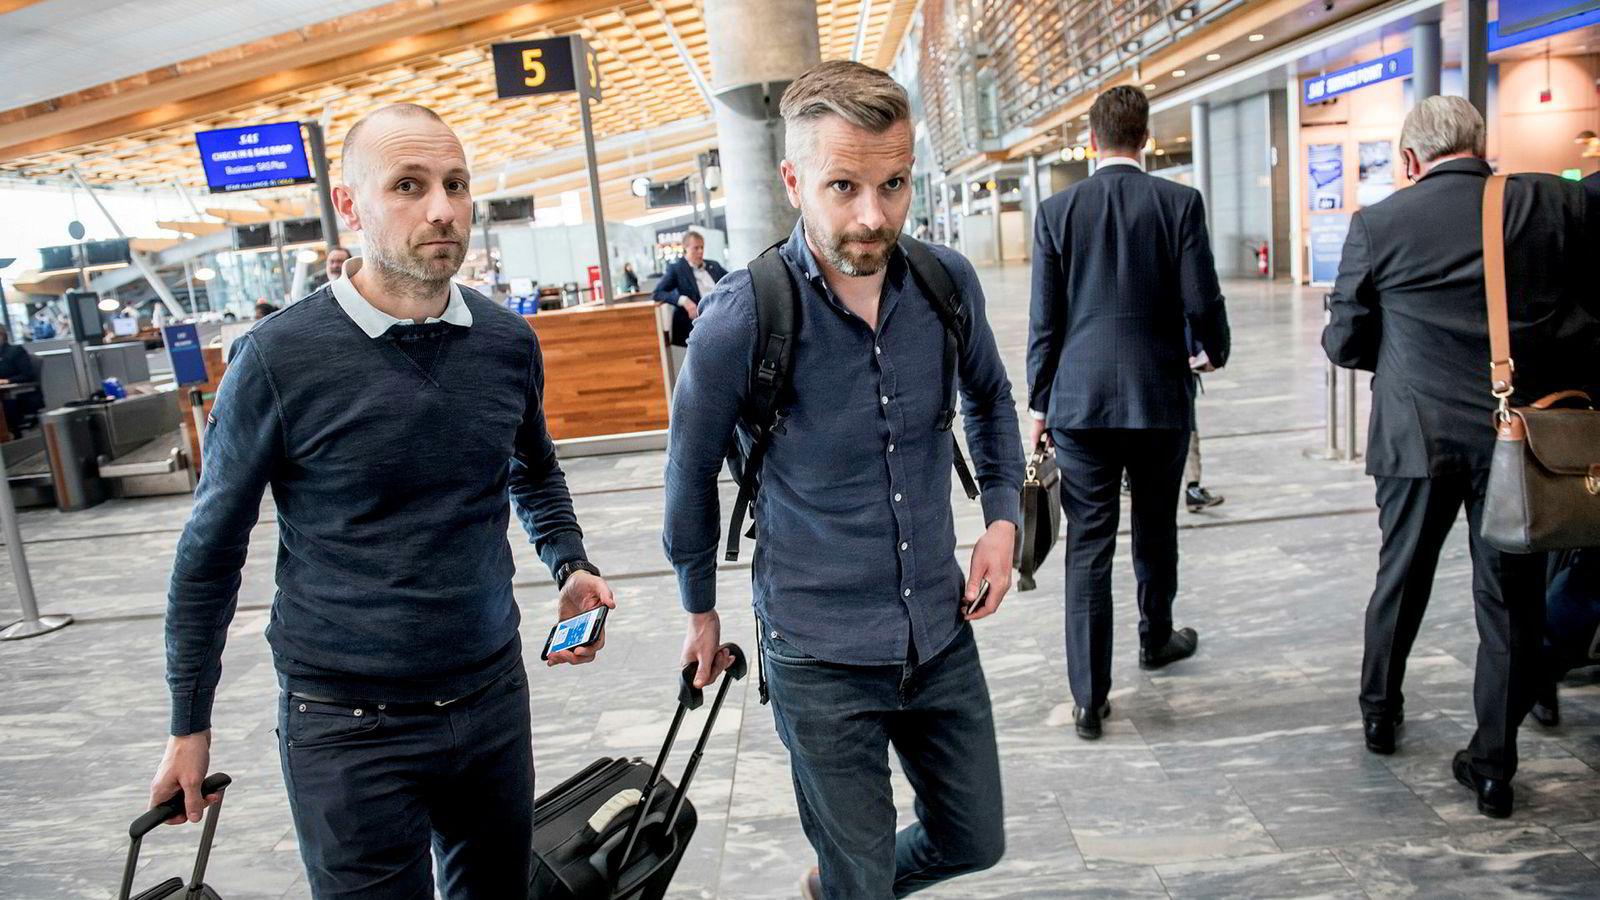 Ole Dag Løvehaug (til venstre) og kollega Anders Engøy i helseteknologiselskapet Karl Storz flyr ofte med SAS: – Vi er spente på hva som skjer neste uke, for da har flere kolleger bestilt reise til Chicago. Men jeg tror SAS er fleksibel, om det blir streik, sier Engøy. Han har rundt 50 reiser med SAS årlig.